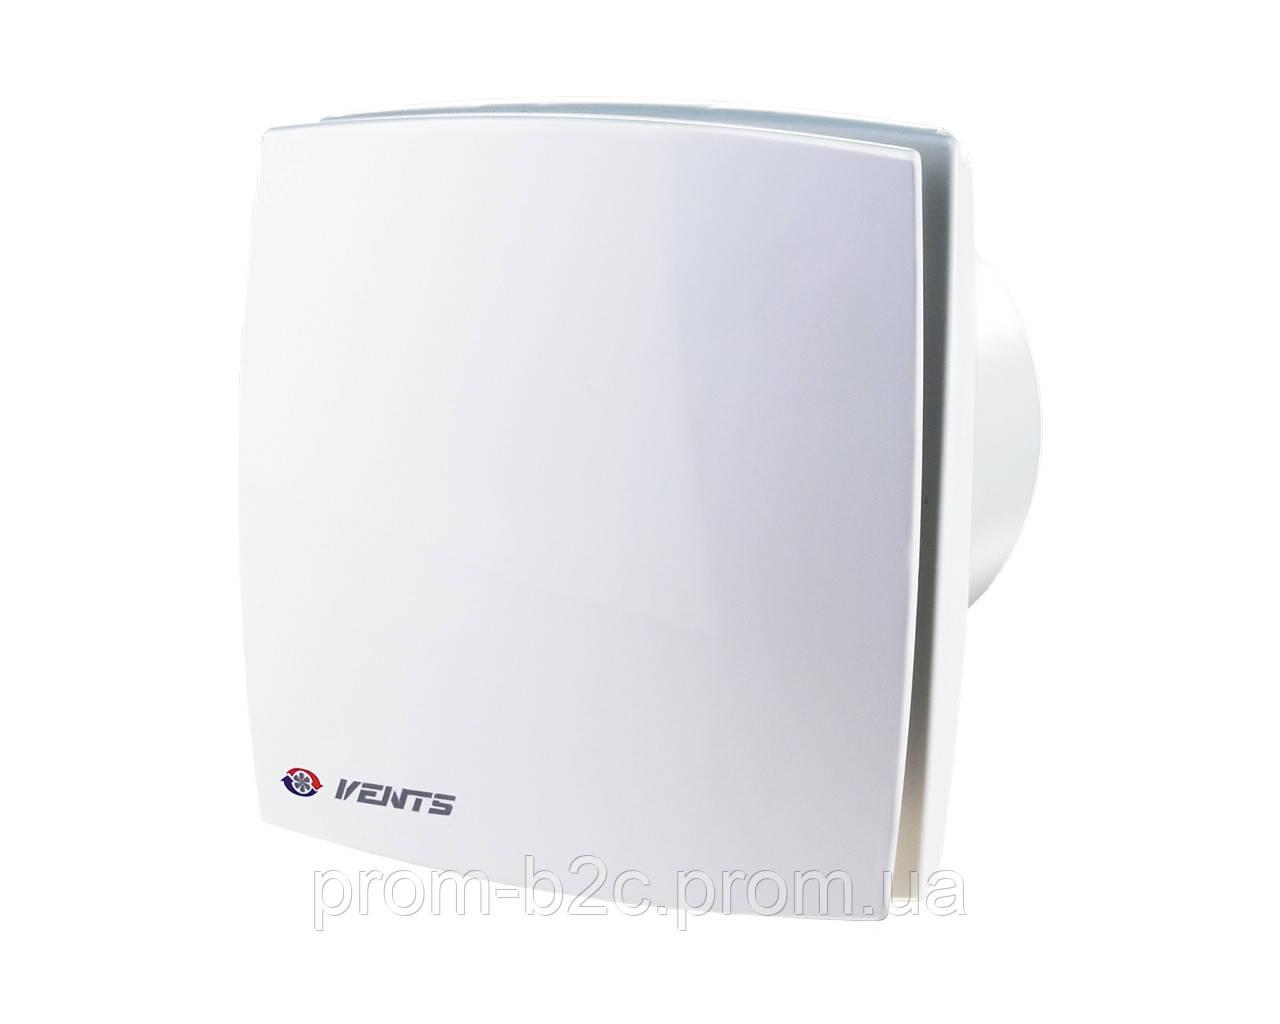 Вентилятор Вентс 125 ЛДВ